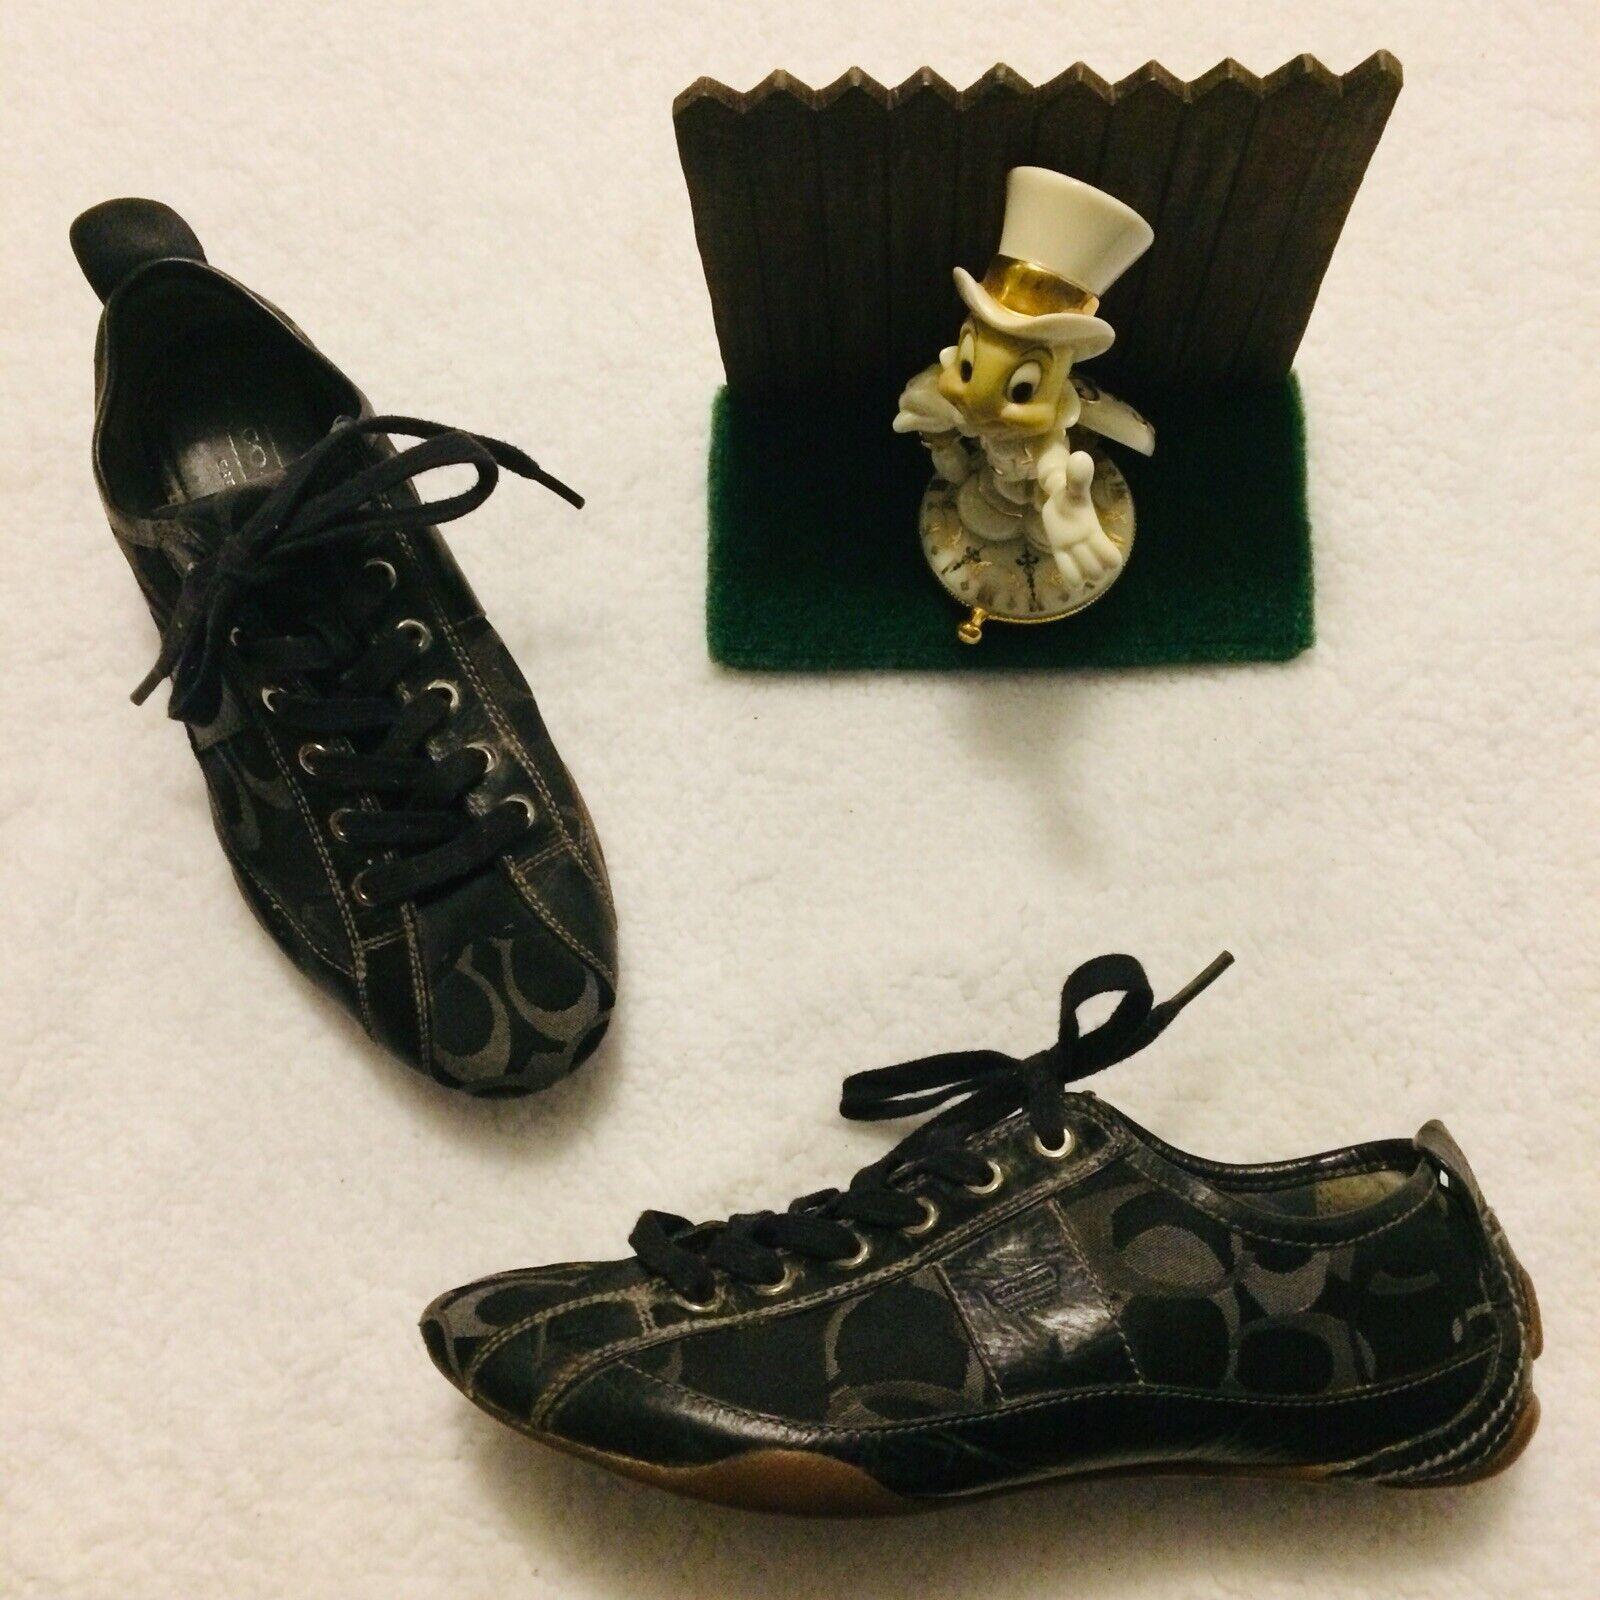 gran selección y entrega rápida Logotipo con firma Negro Entrenador Para Mujer Zapatos Zapatillas de de de monograma Janae A1178 8 M Buena  edición limitada